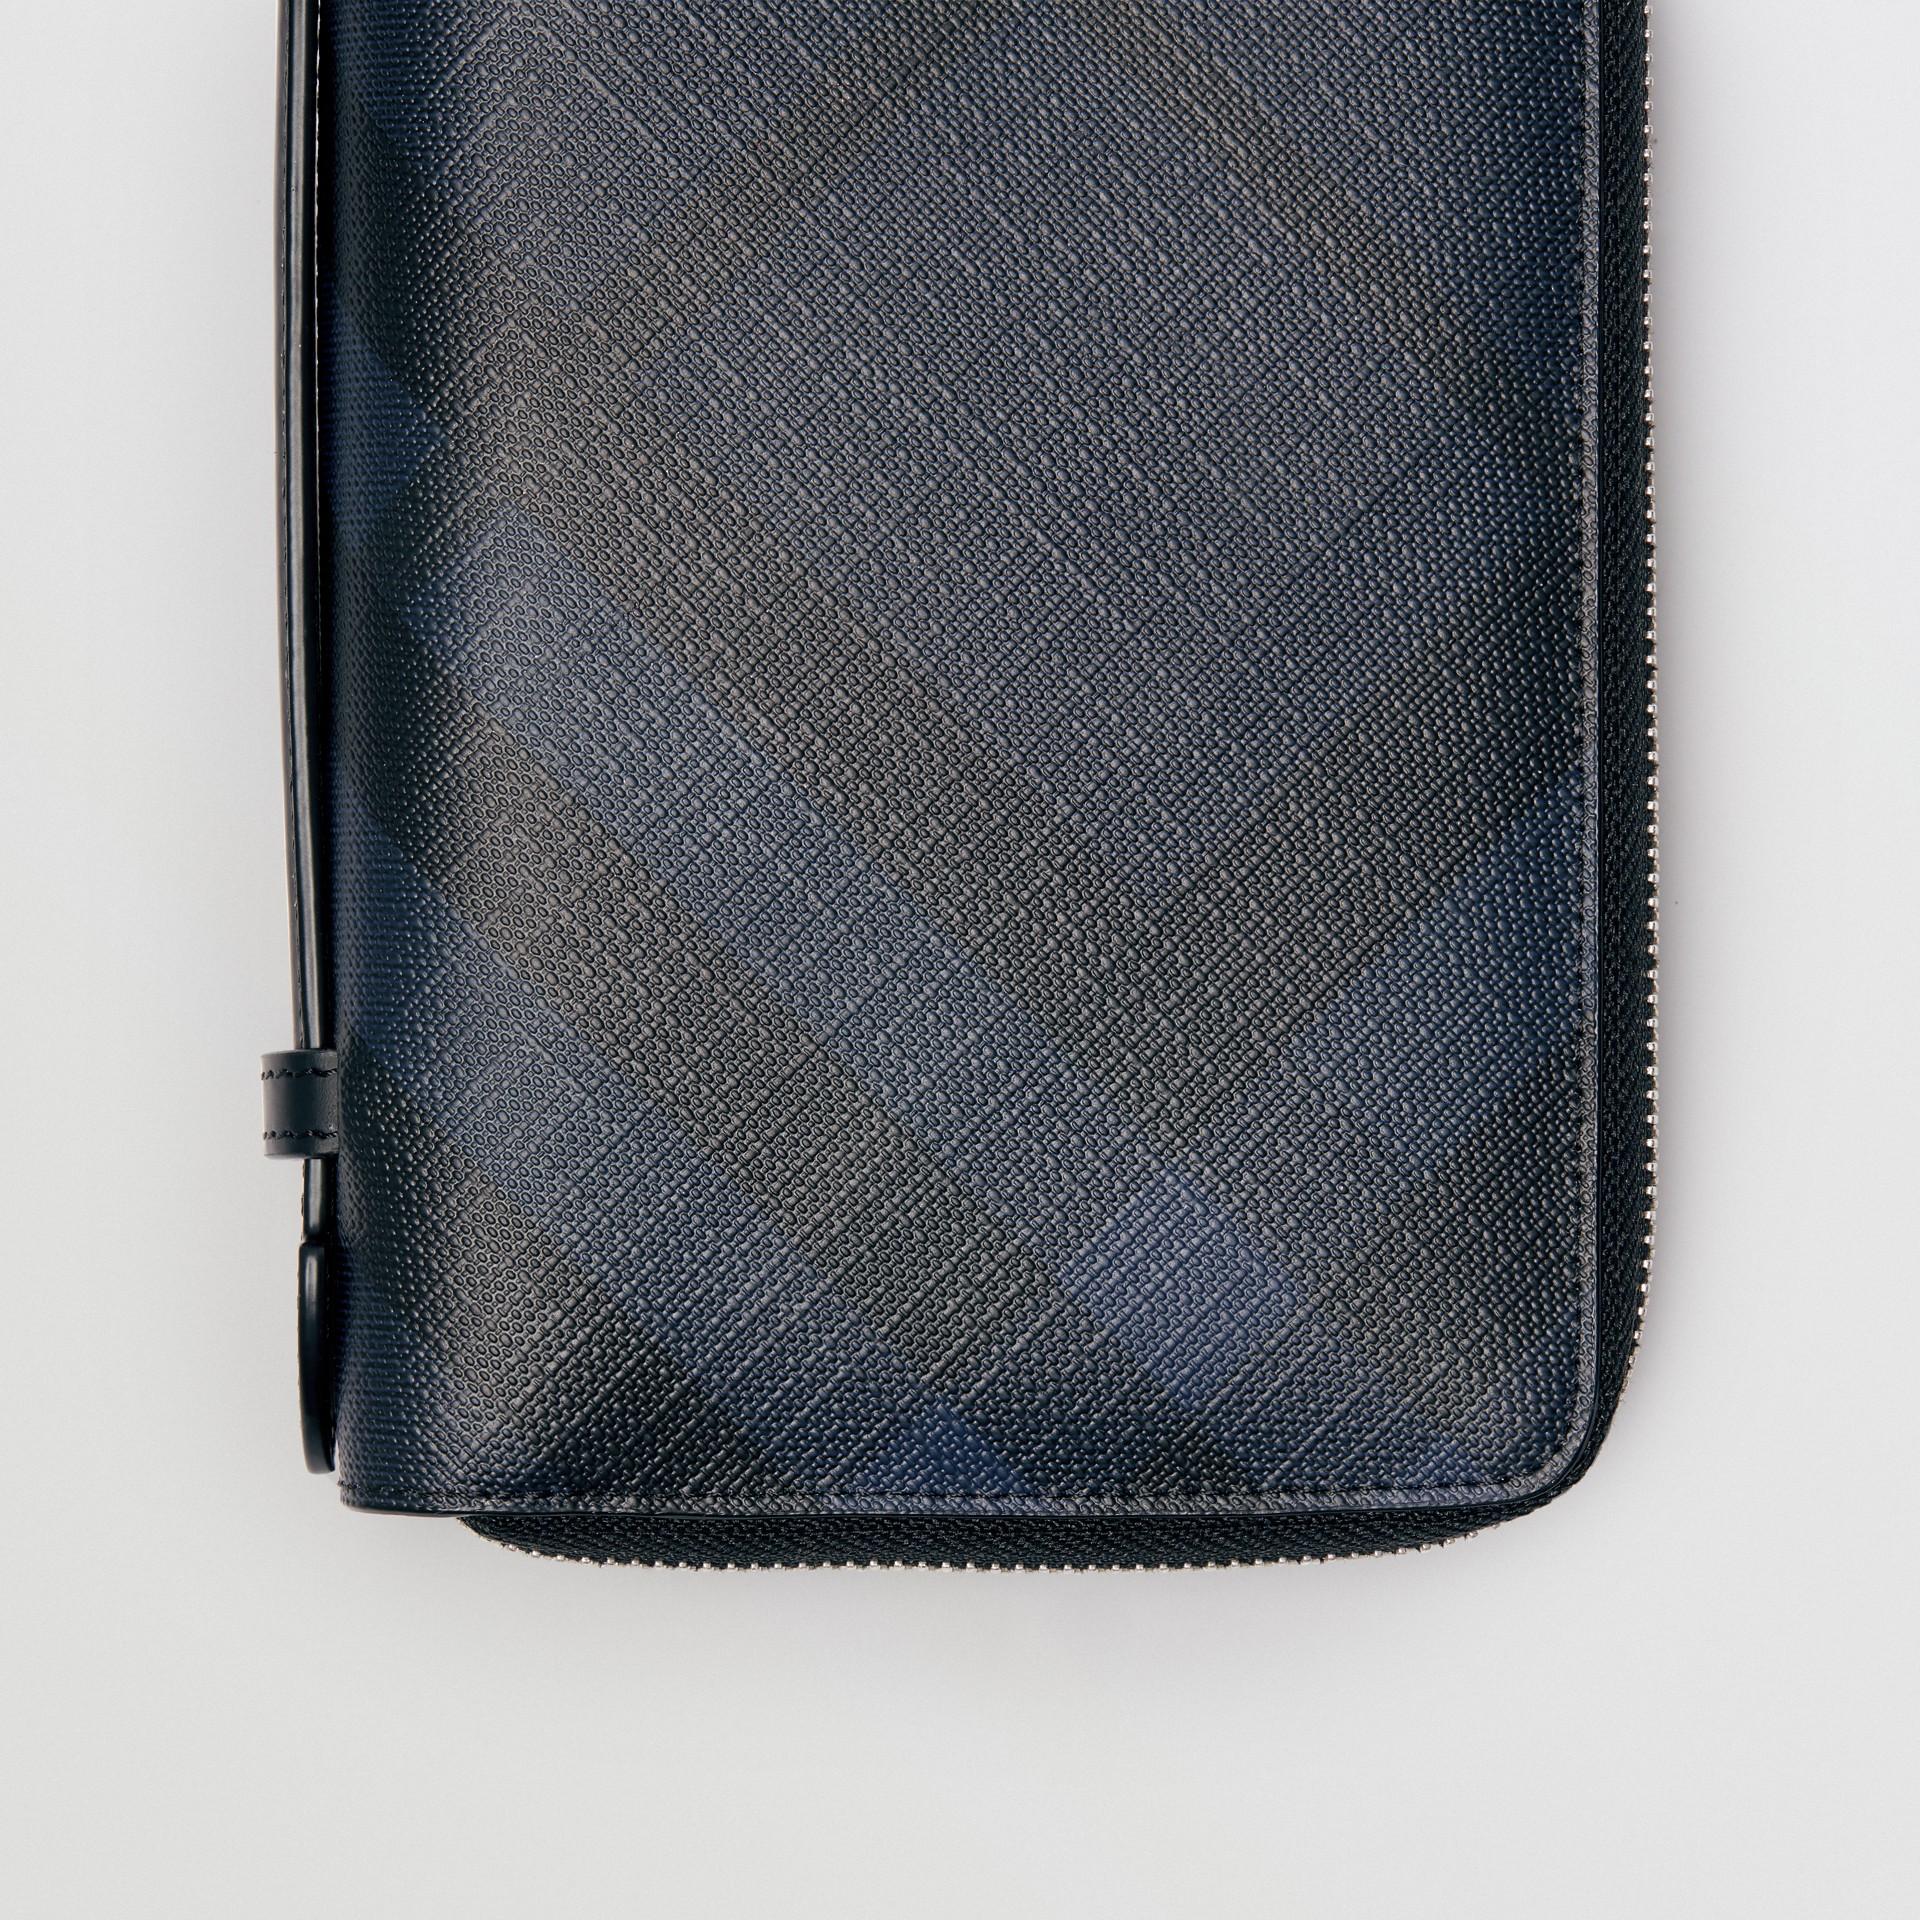 Portefeuille de voyage à motif London check (Marine/noir) - Homme | Burberry Canada - photo de la galerie 1